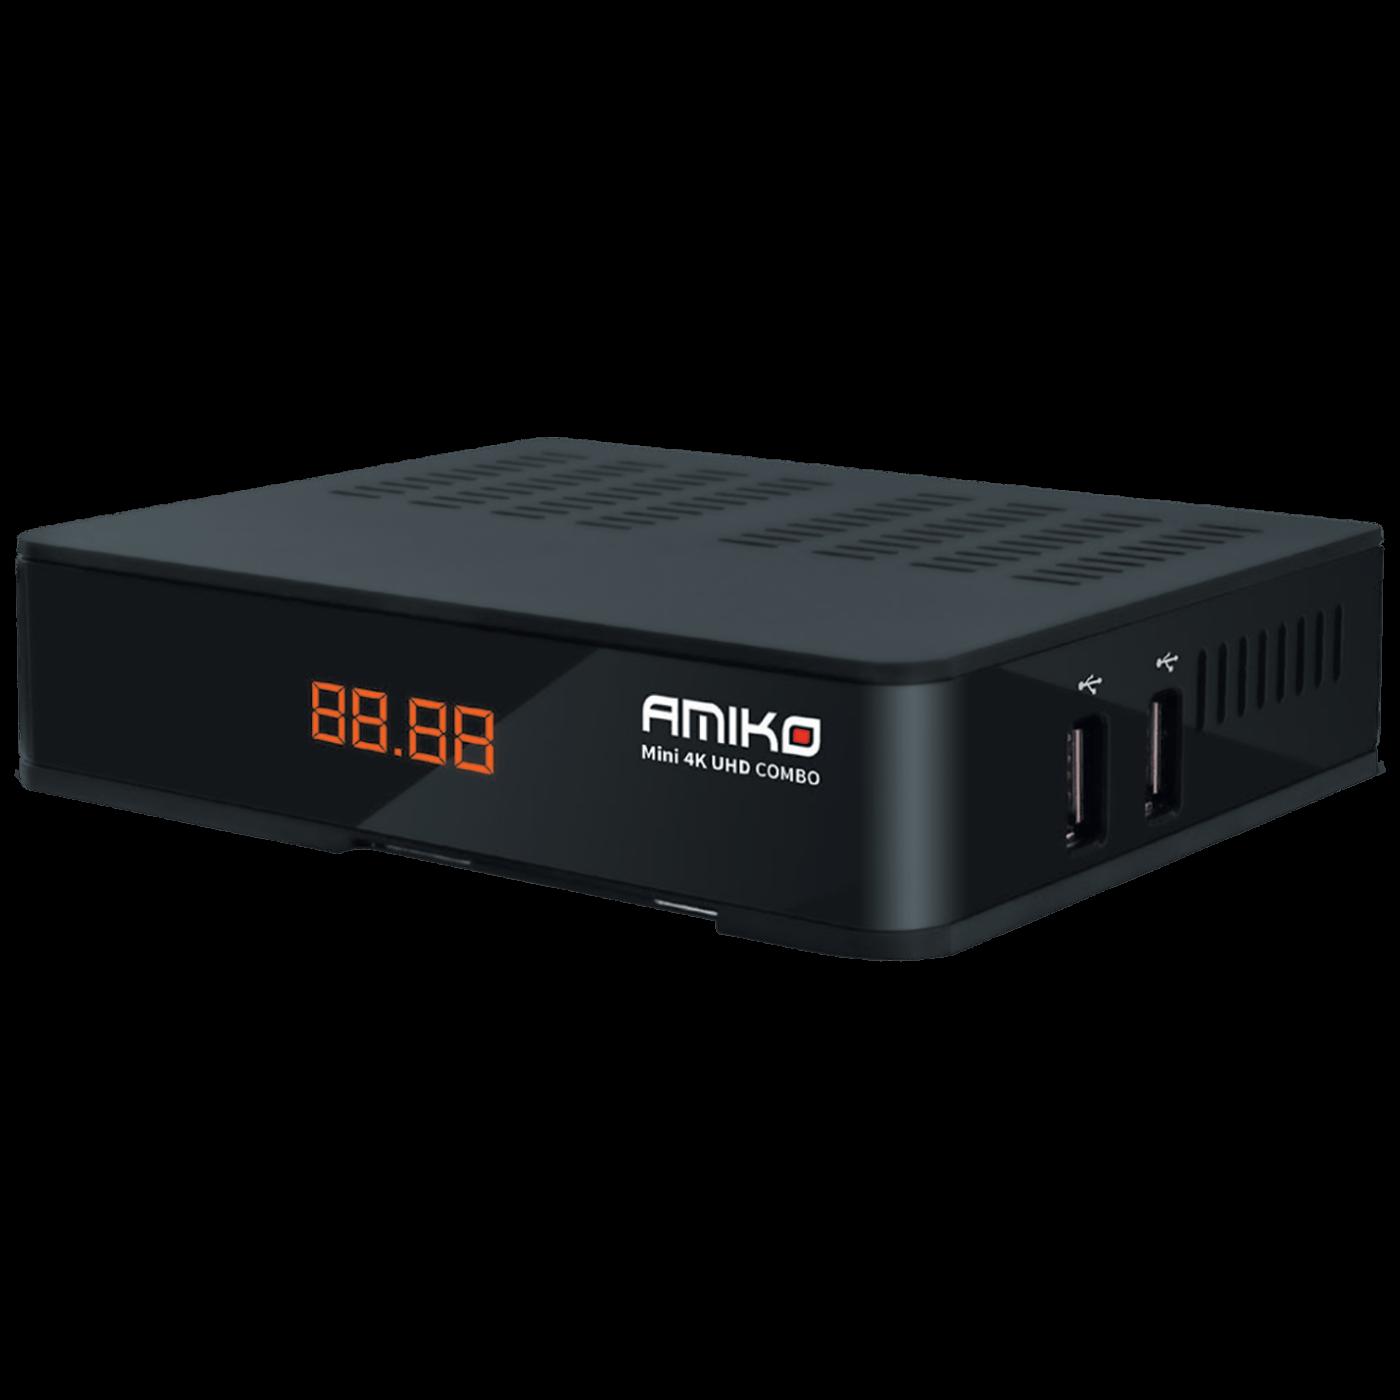 Prijemnik combo, DVB-S2X+T2/C, 4K UHD, USB PVR, Ethernet